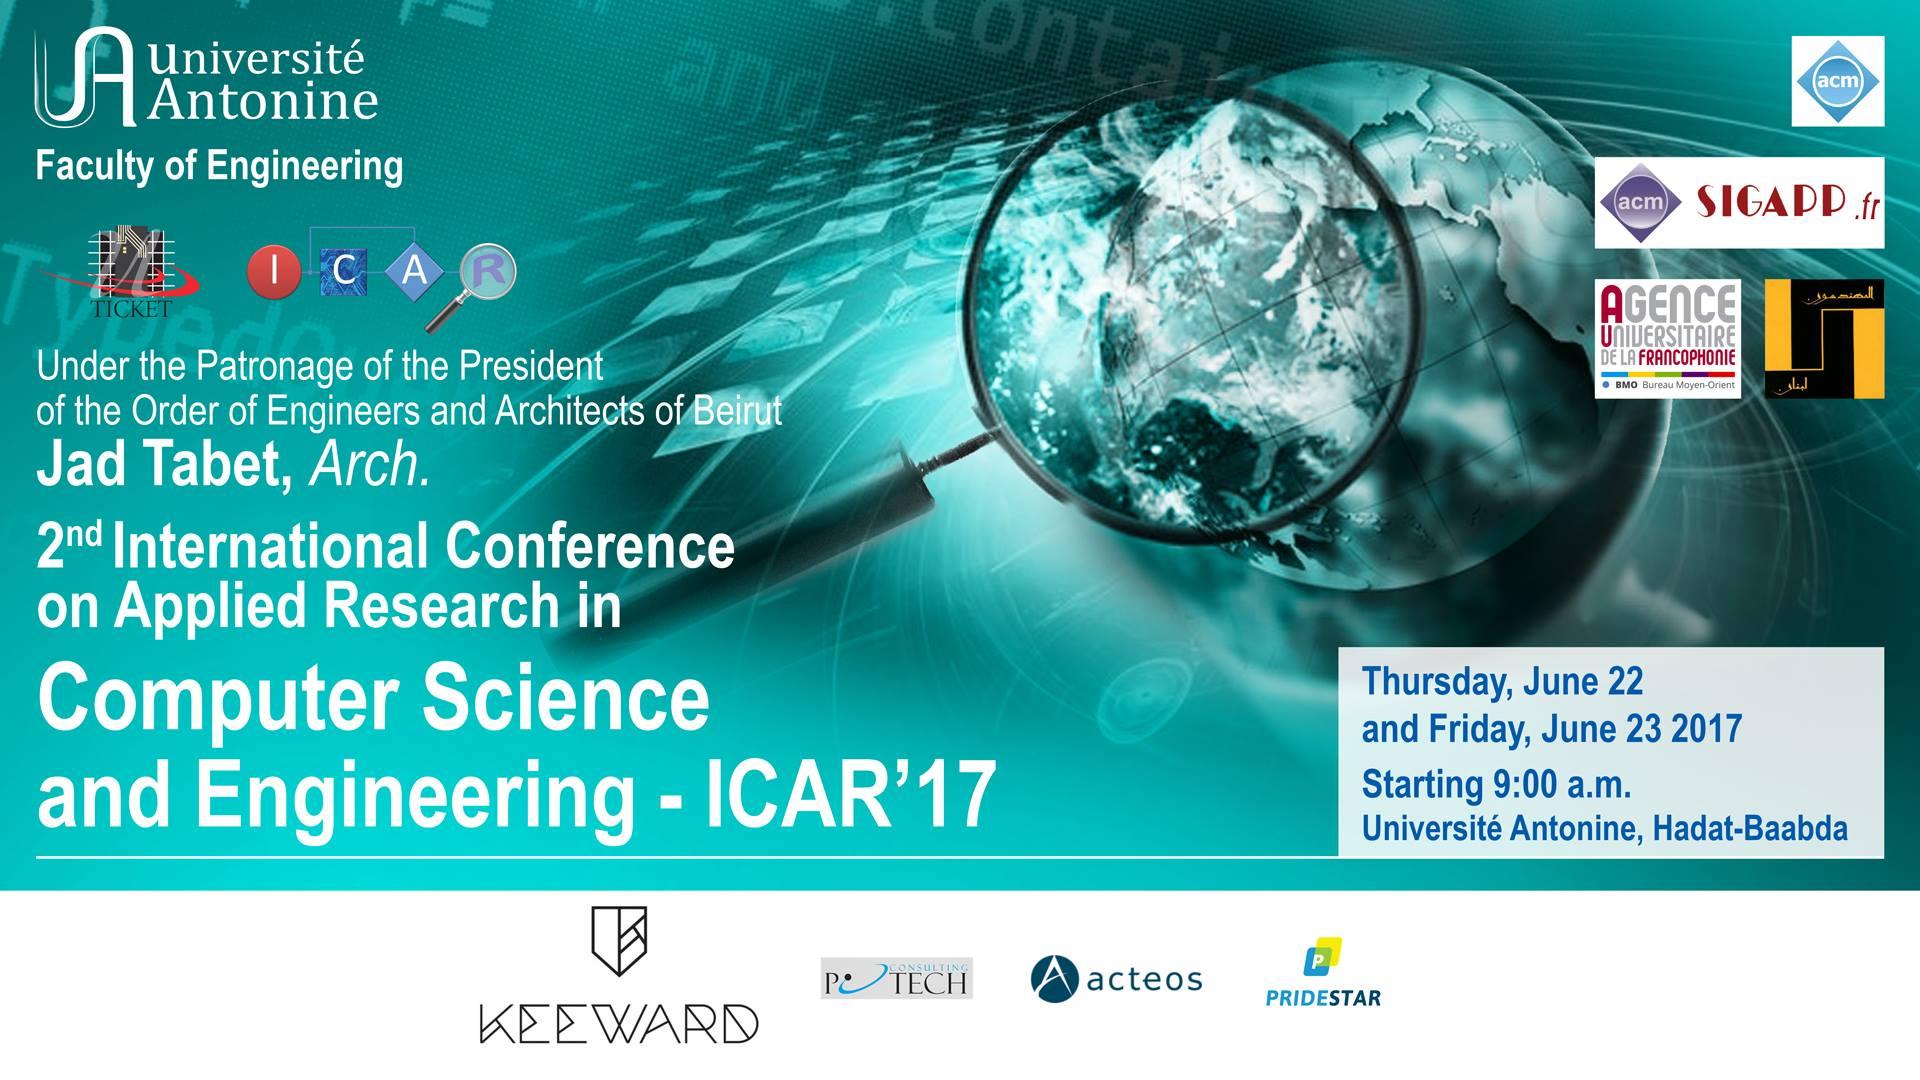 ICAR17